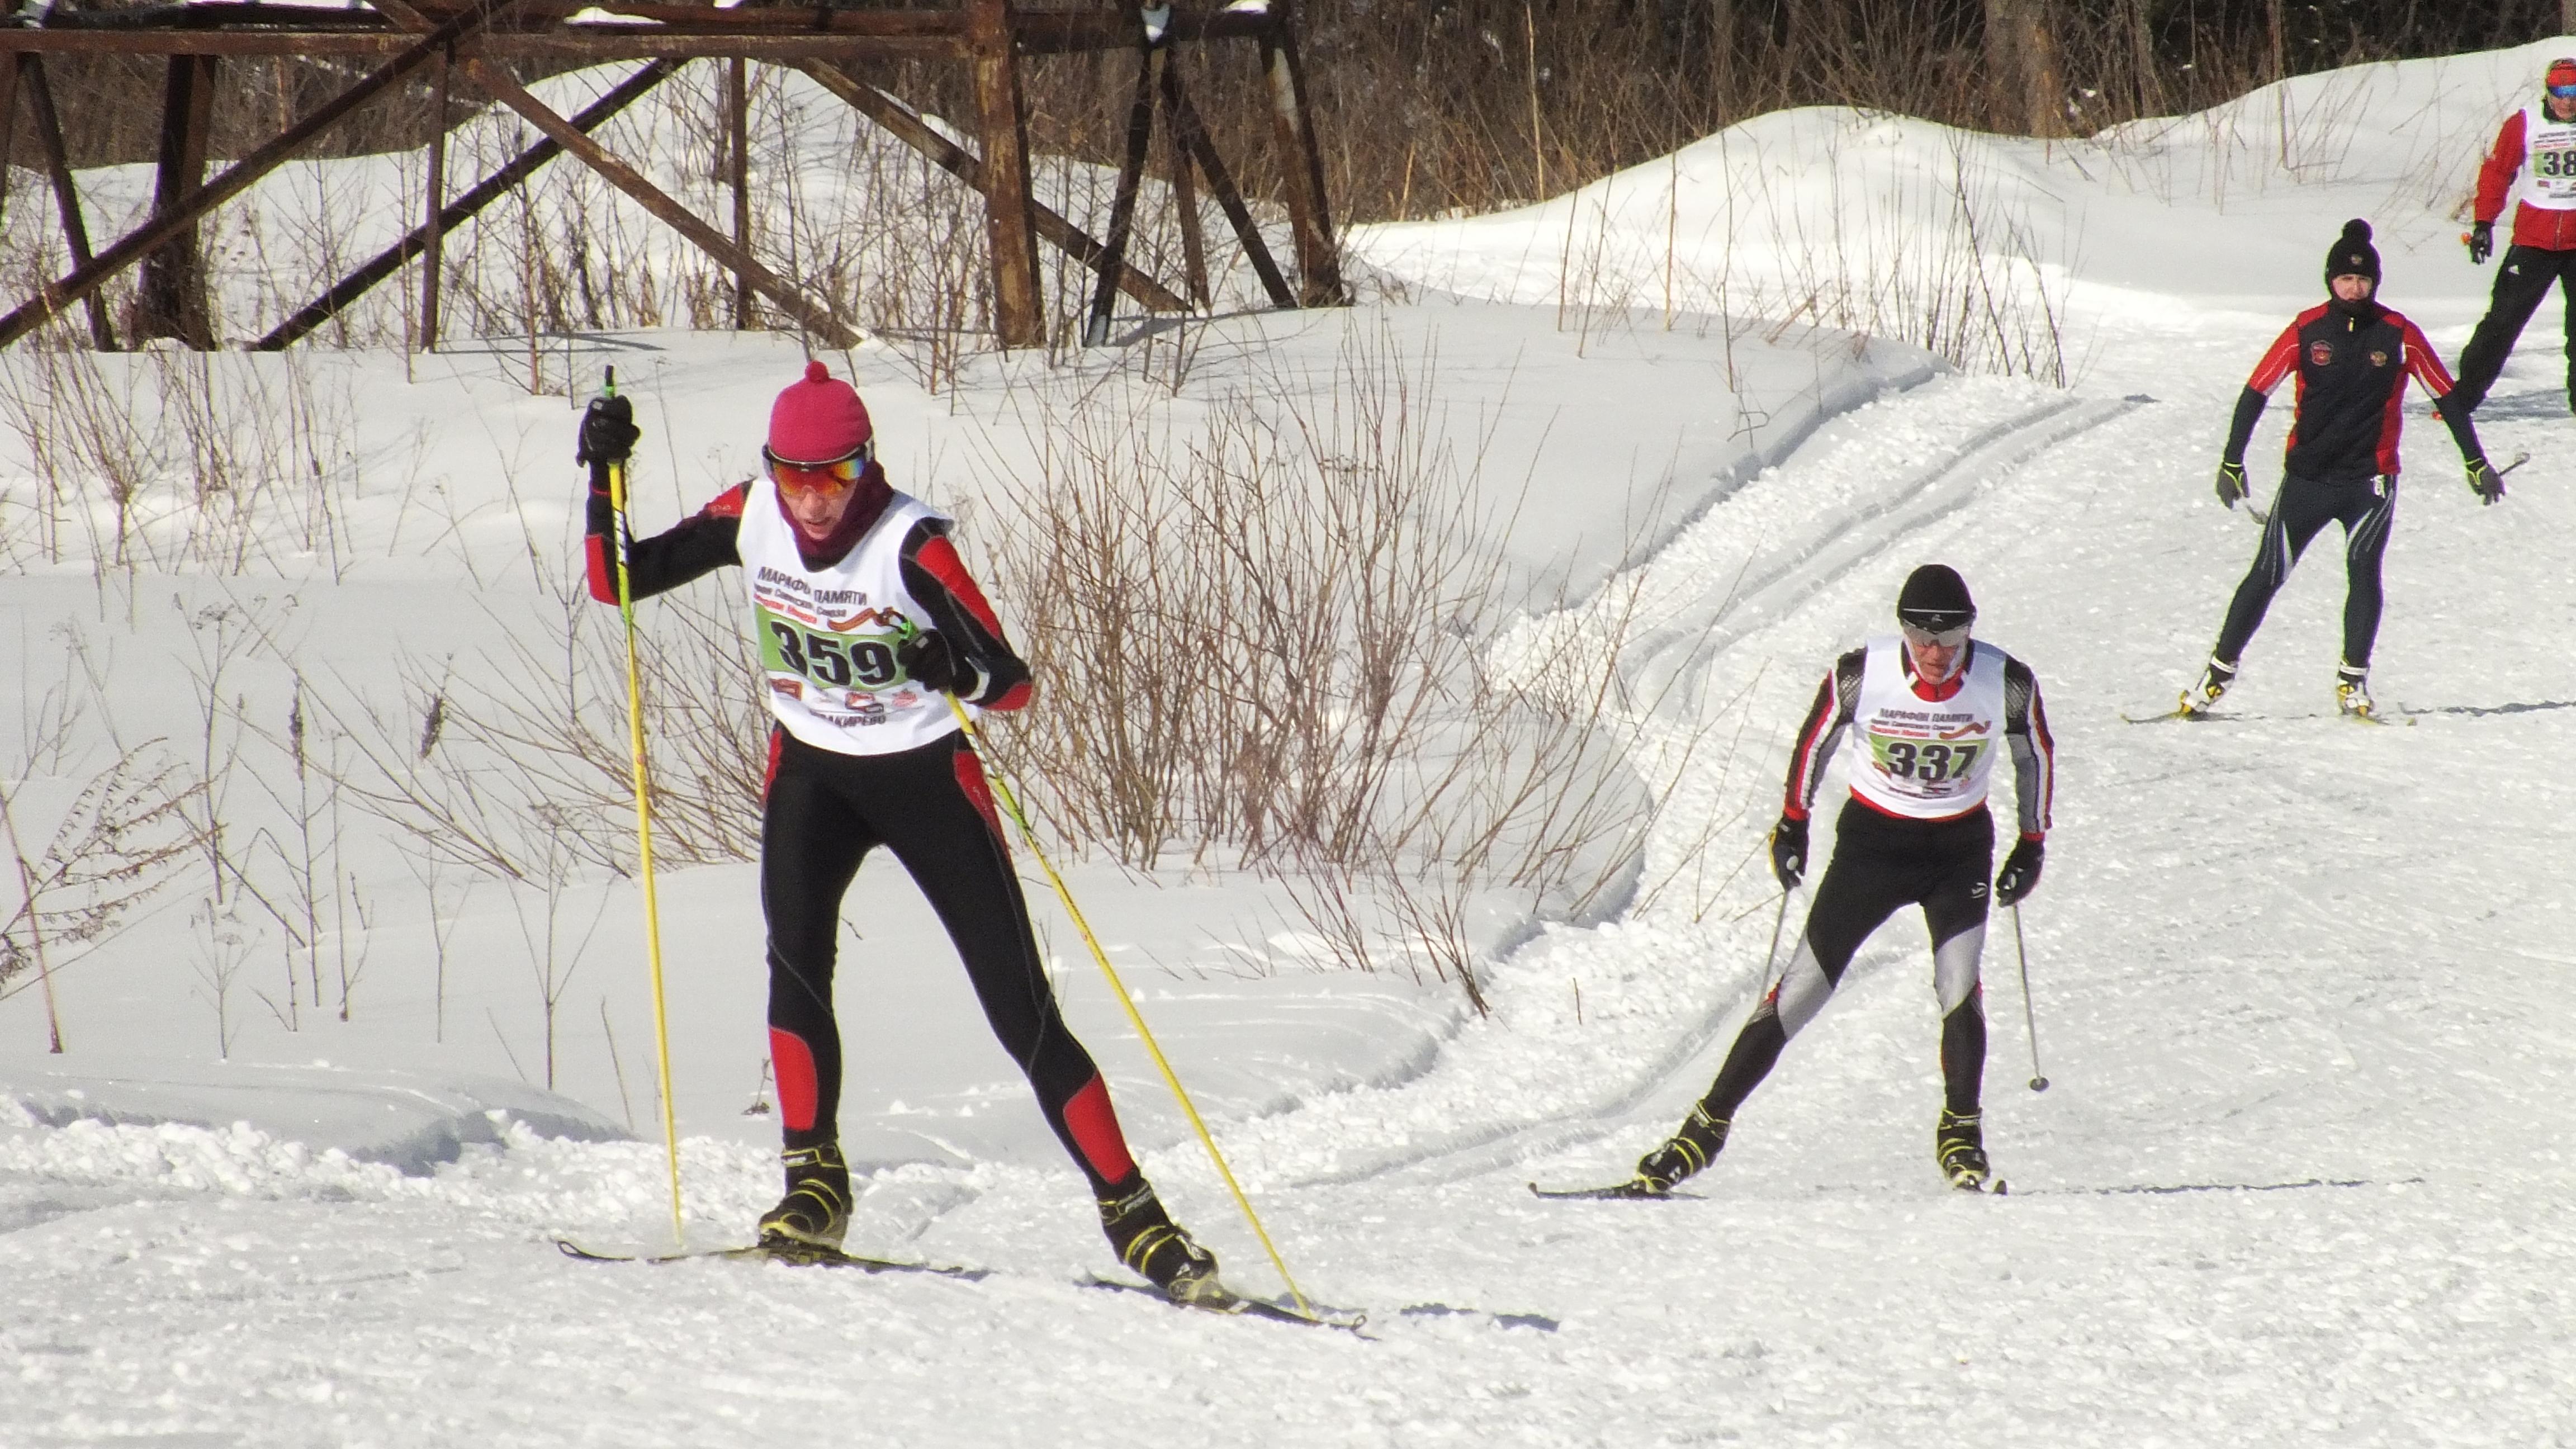 Лыжный марафон памяти Молева в Балакирево, 17 марта 2018